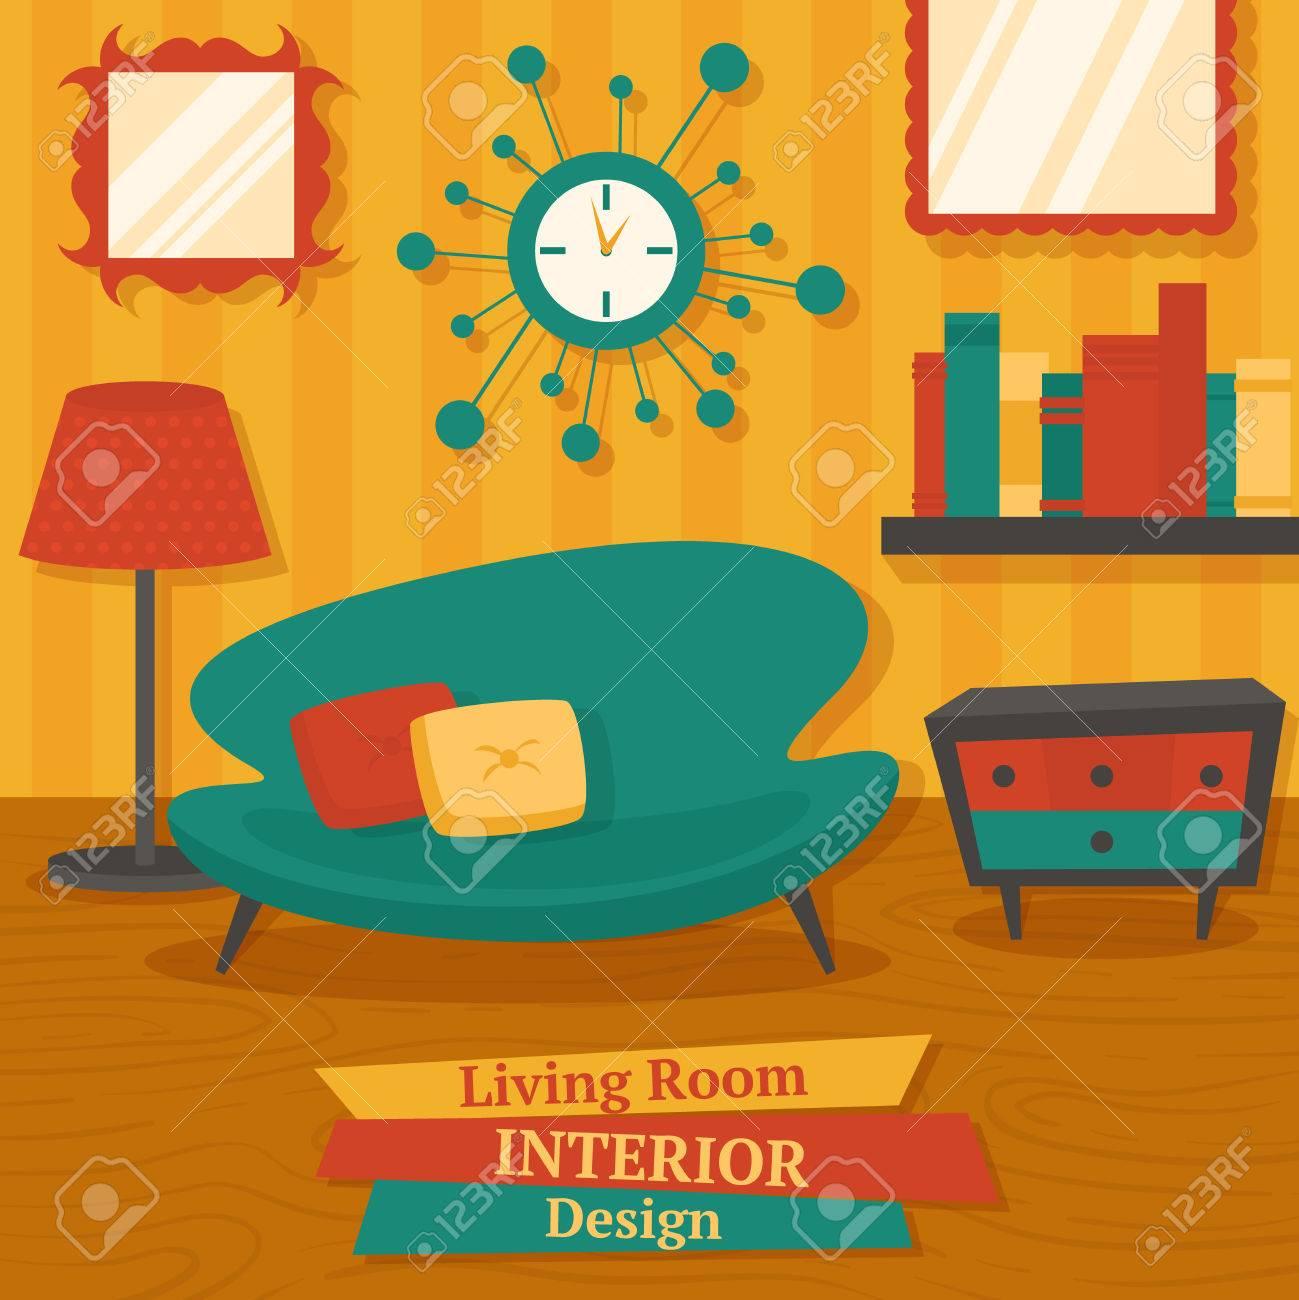 Interior Innen Wohnzimmer-Design Mit Sofa Und Bücherregal Lampe ...